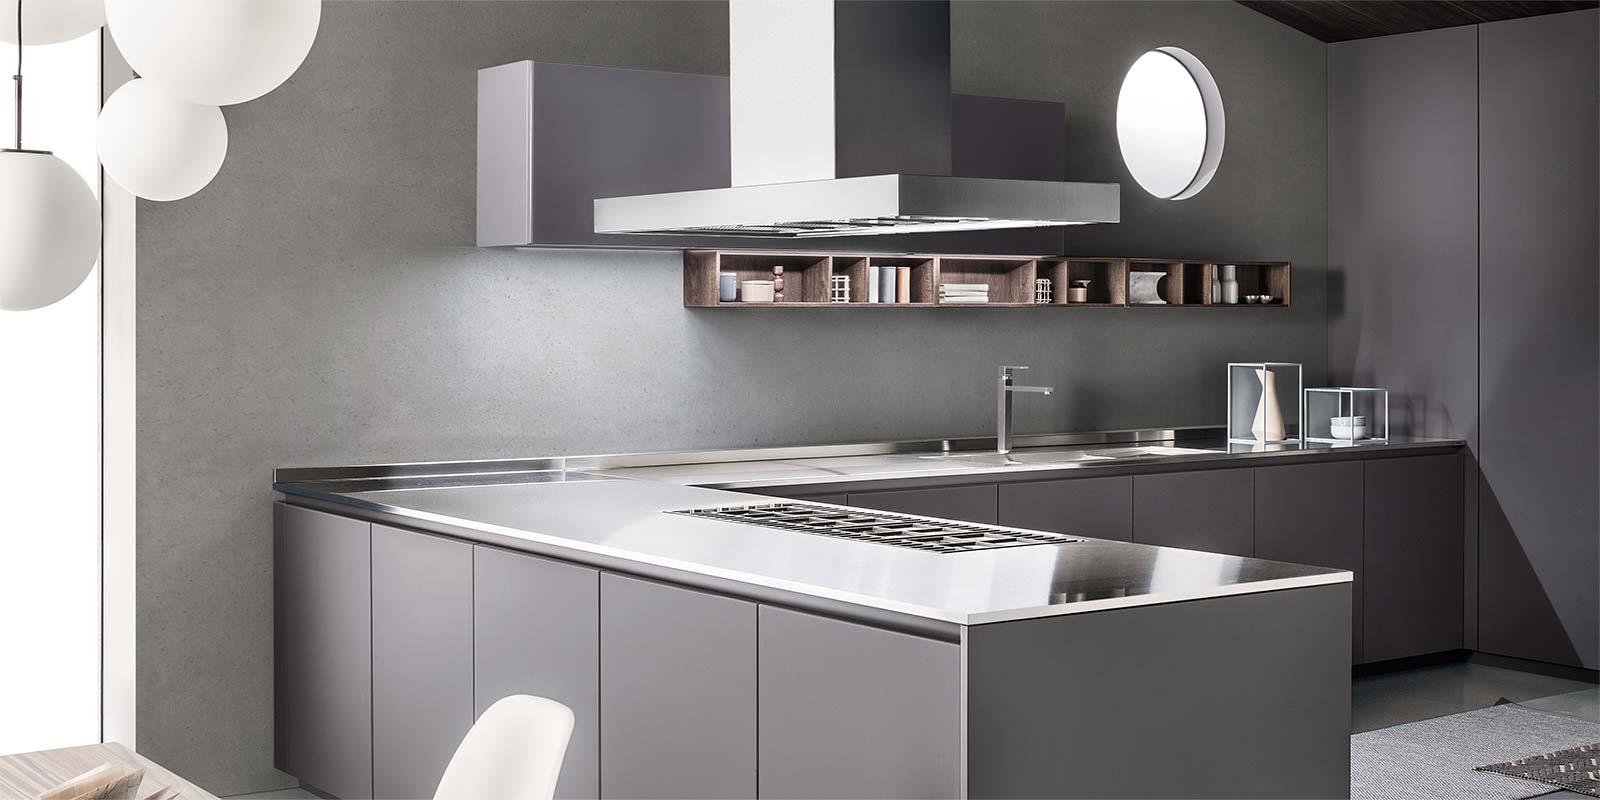 Tra basi e pensili in cucina lineatre kucita gli esperti dell 39 arredamento - Top piano cucina ...